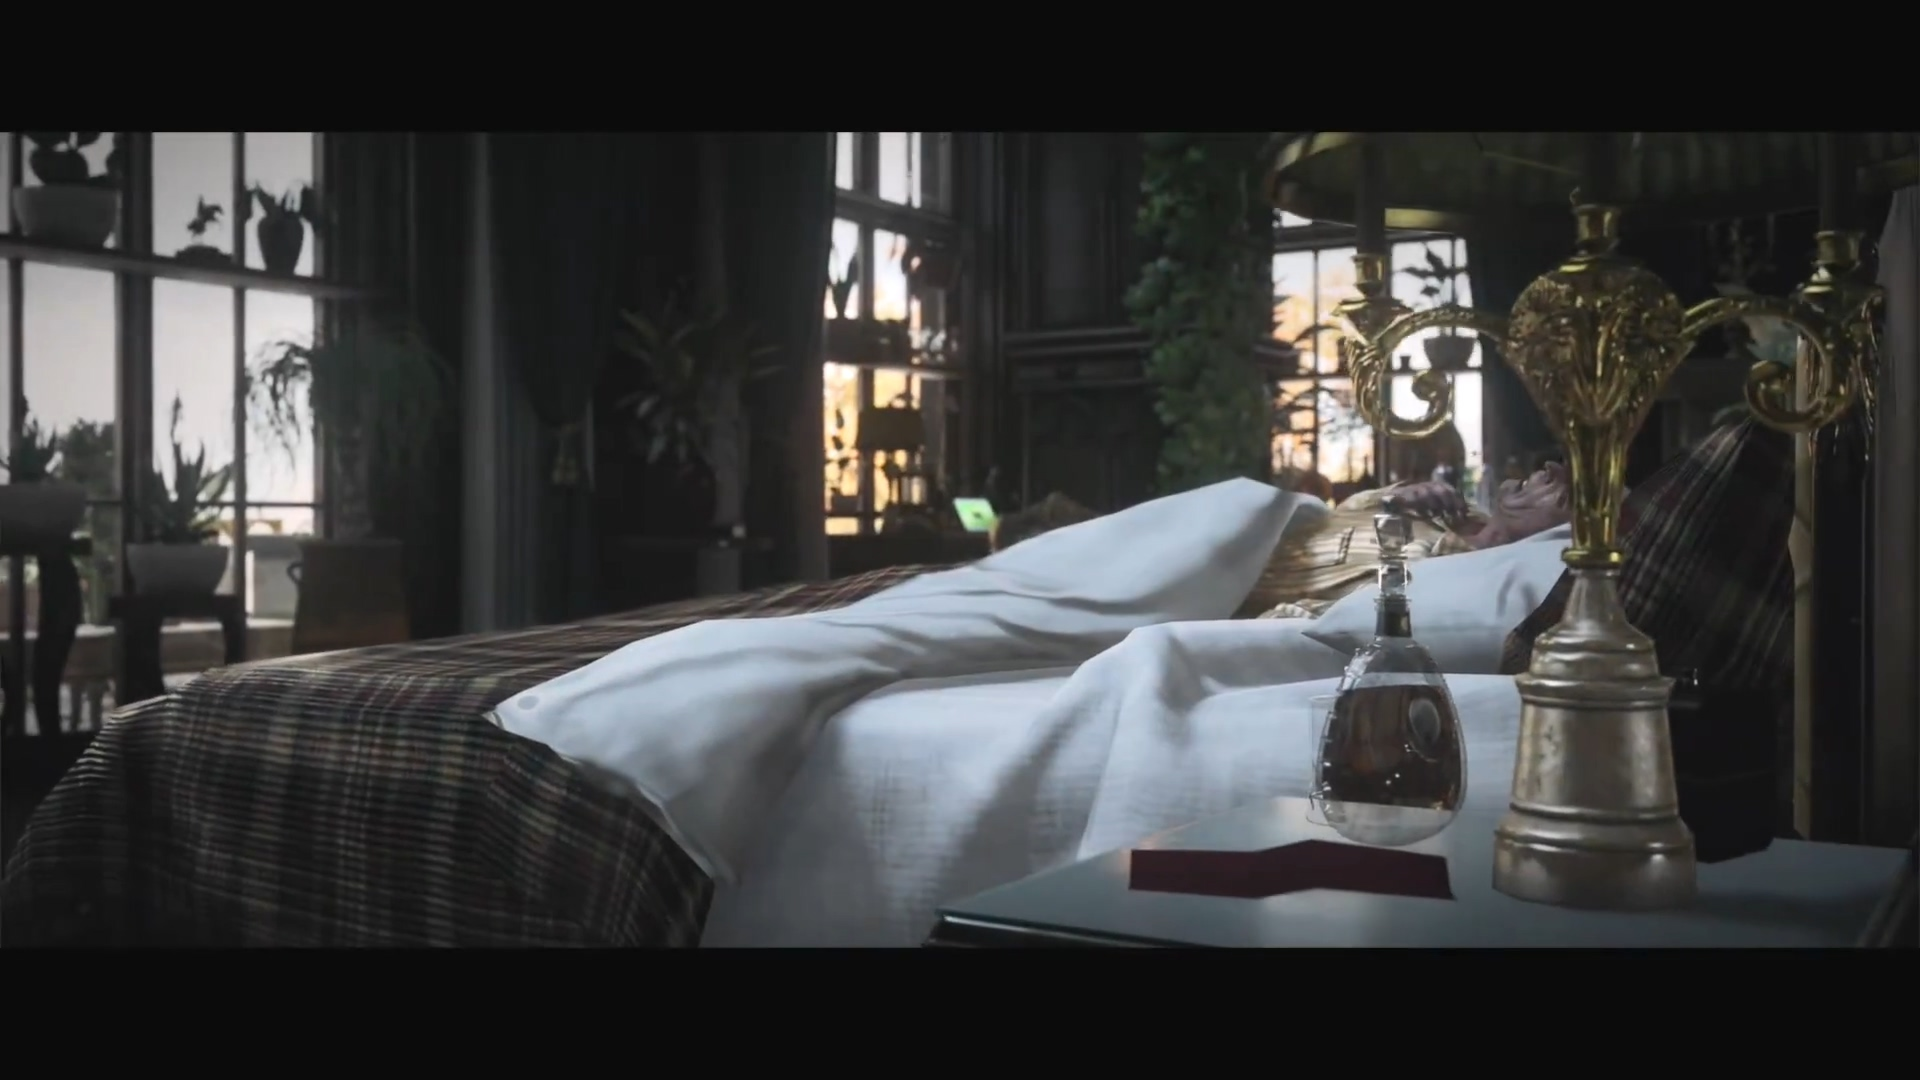 《杀手3》PC版Epic限时独占 英国场景预告公开